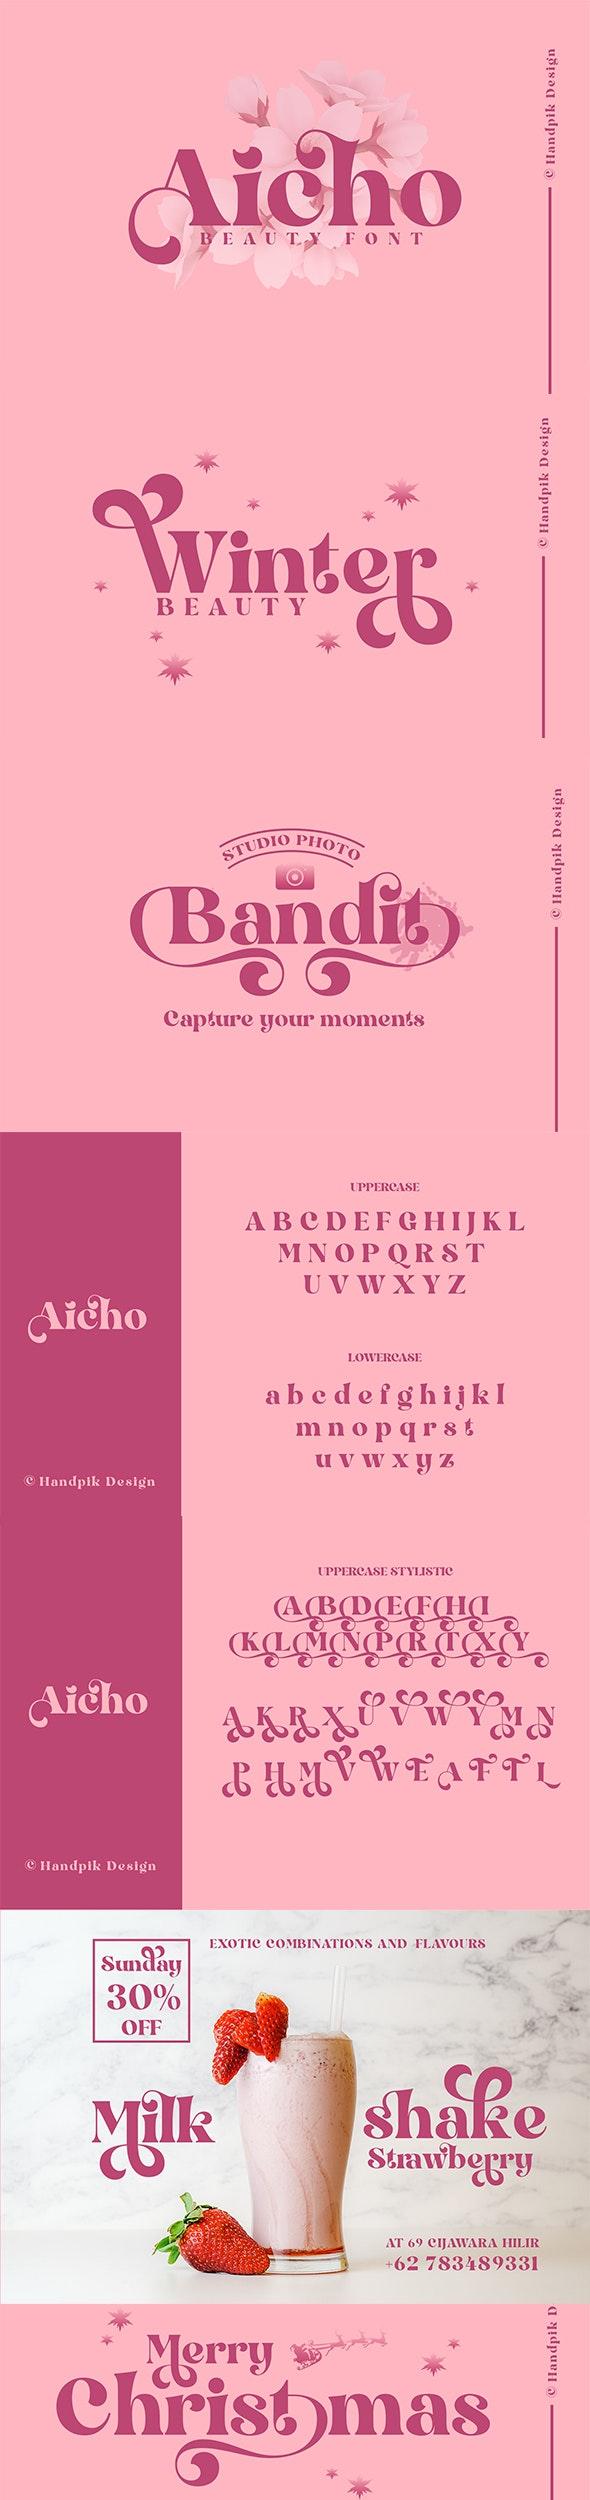 Aicho Beauty Font - Serif Fonts